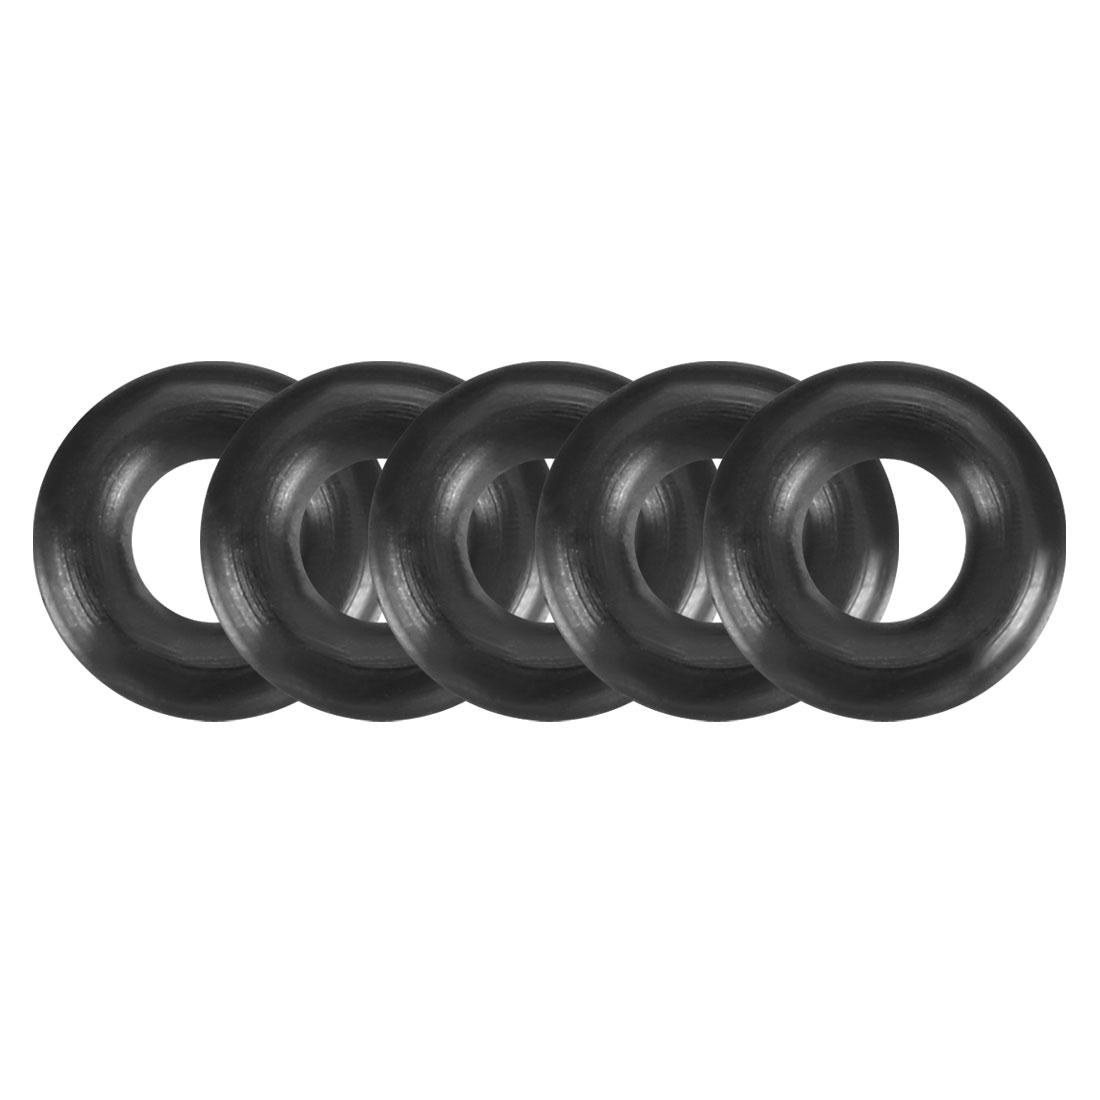 50pcs Black Nitrile Butadiene Rubber NBR O-Ring 2.5mm Inner Dia 2mm Width